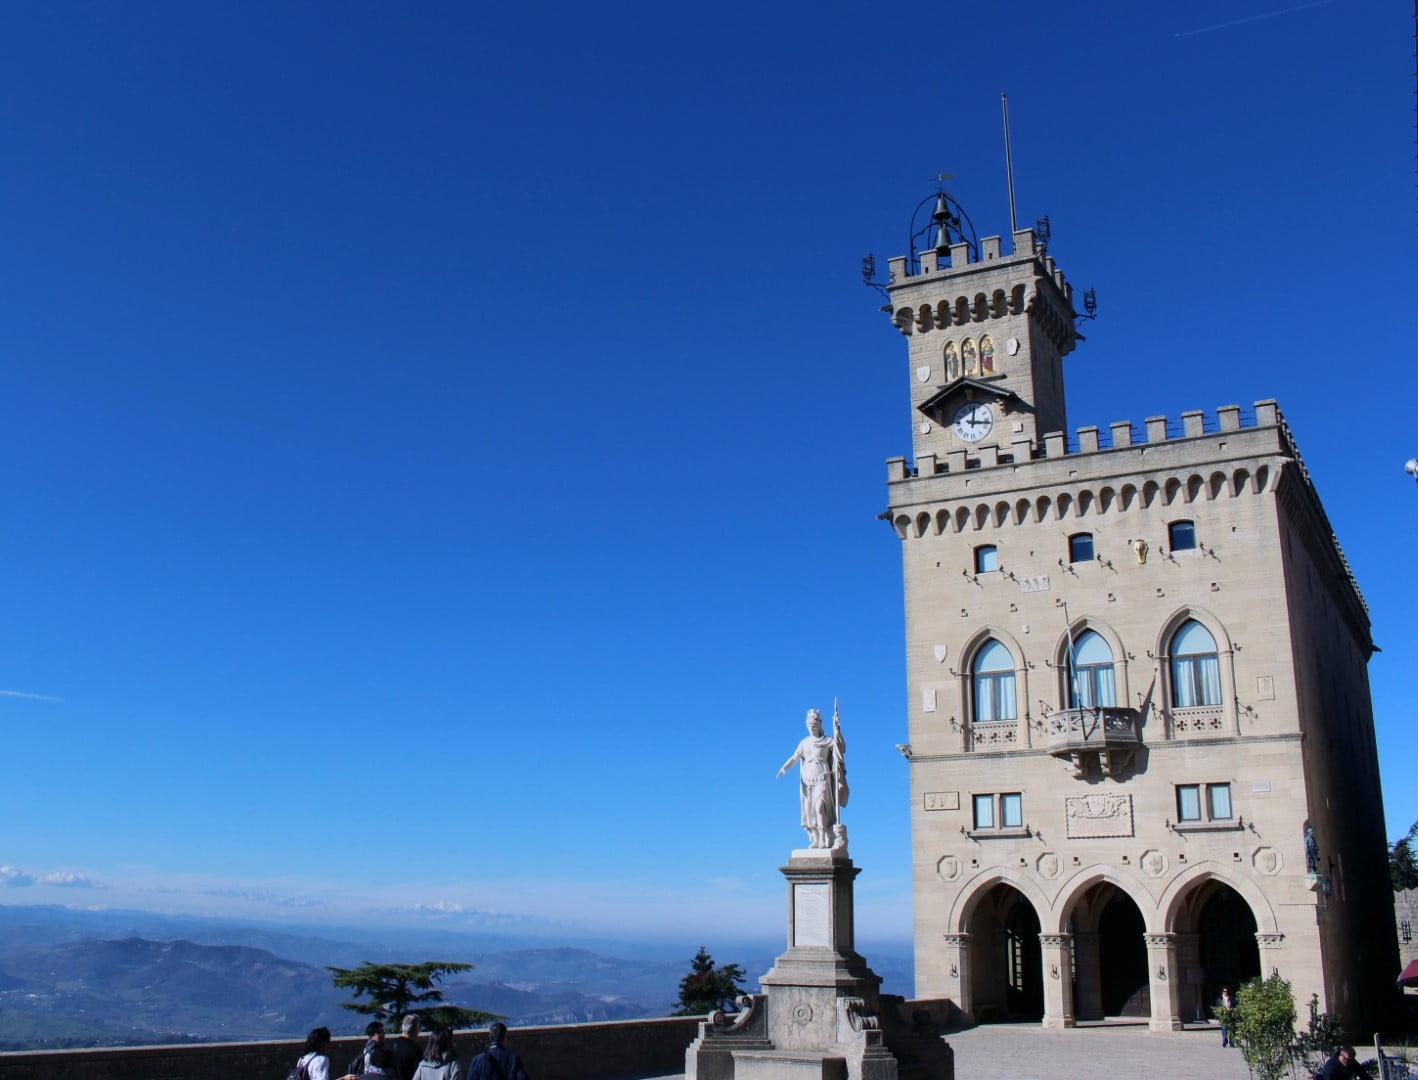 San_Marino_Gradska_kuca_Autobusom_evropski_gradovi_akcija_First_minute_putovanje